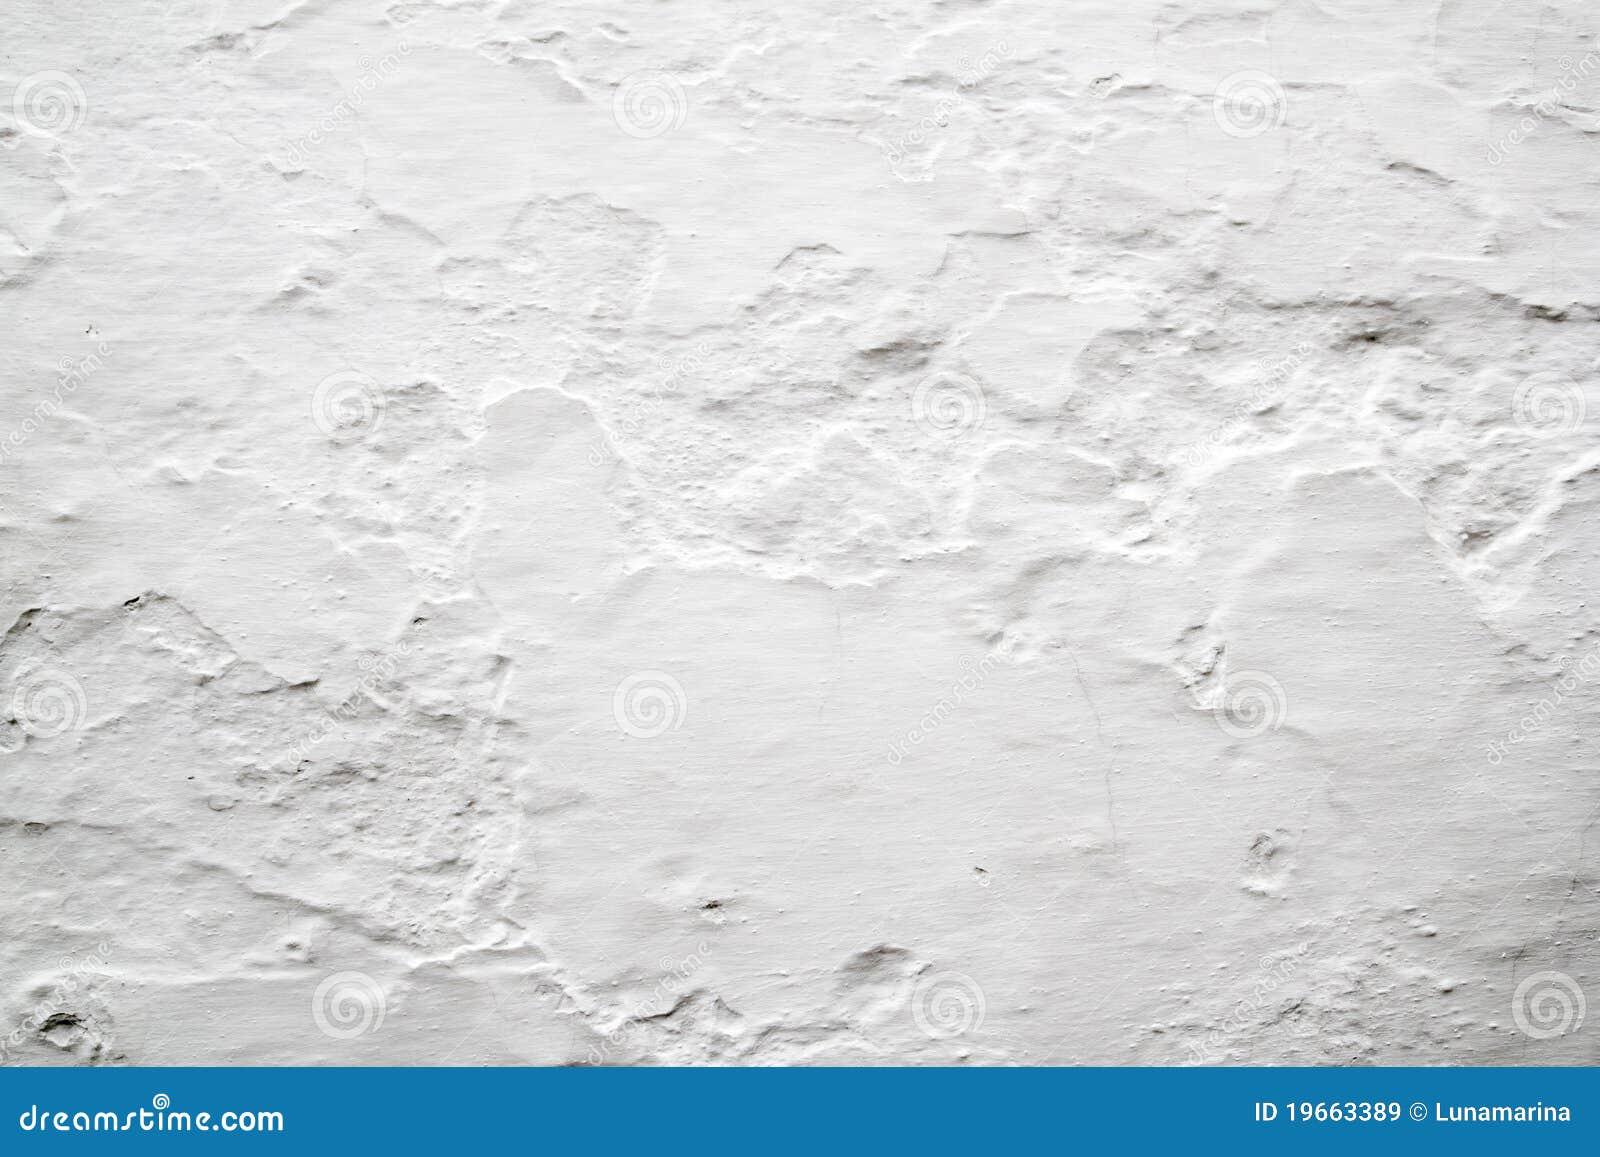 Paredes com textura whitewashed cal do fundo imagens de - Texturas de paredes ...